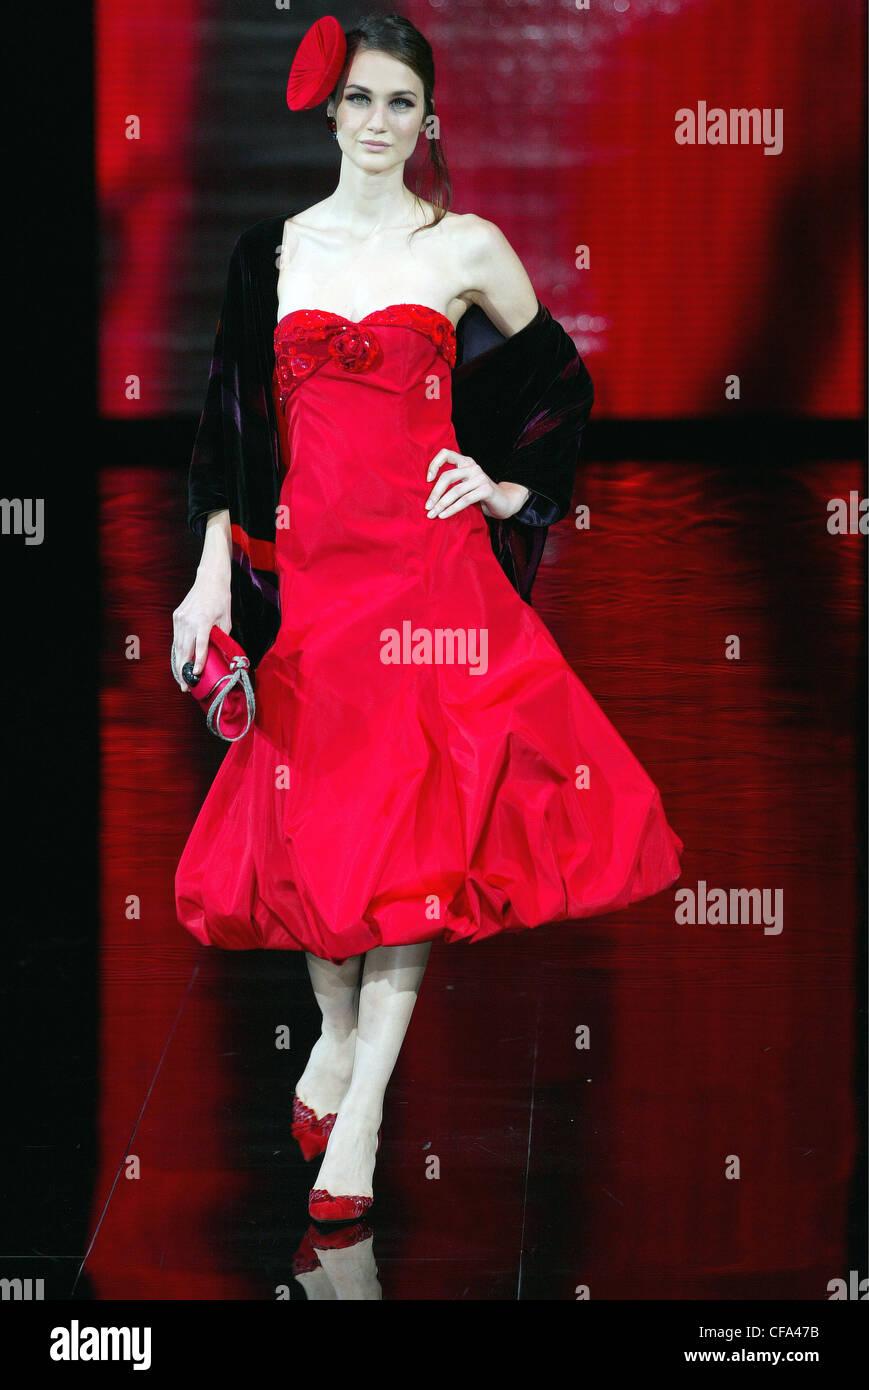 Armani Ready to Wear Milan A W A brunette female model wearing a red ...